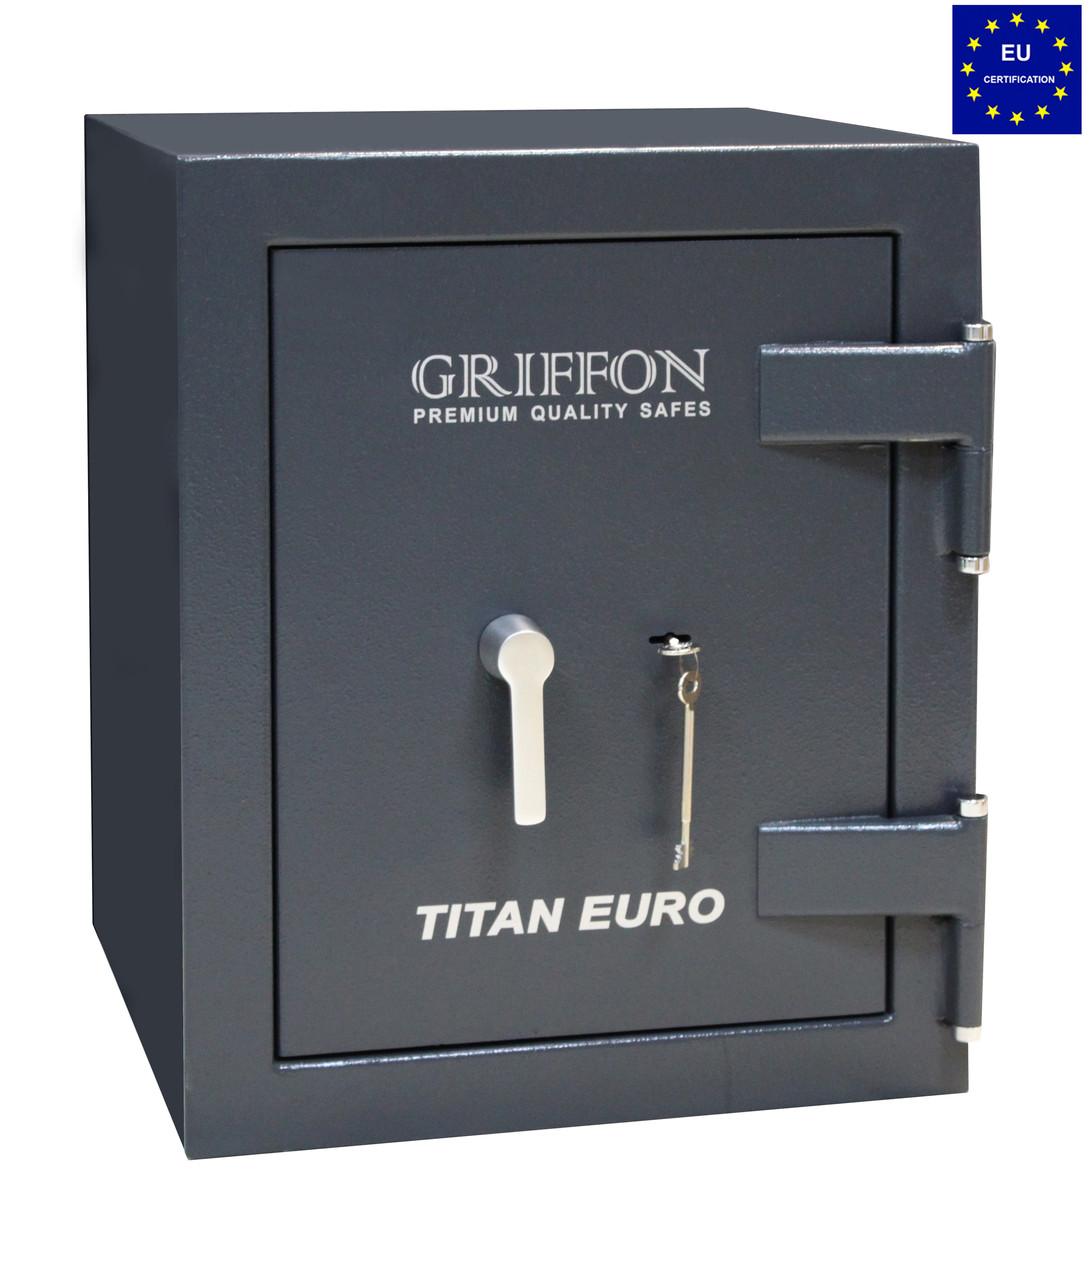 Огневзломостойкий сейф GRIFFON CLE.II.60.K черный (Украина)